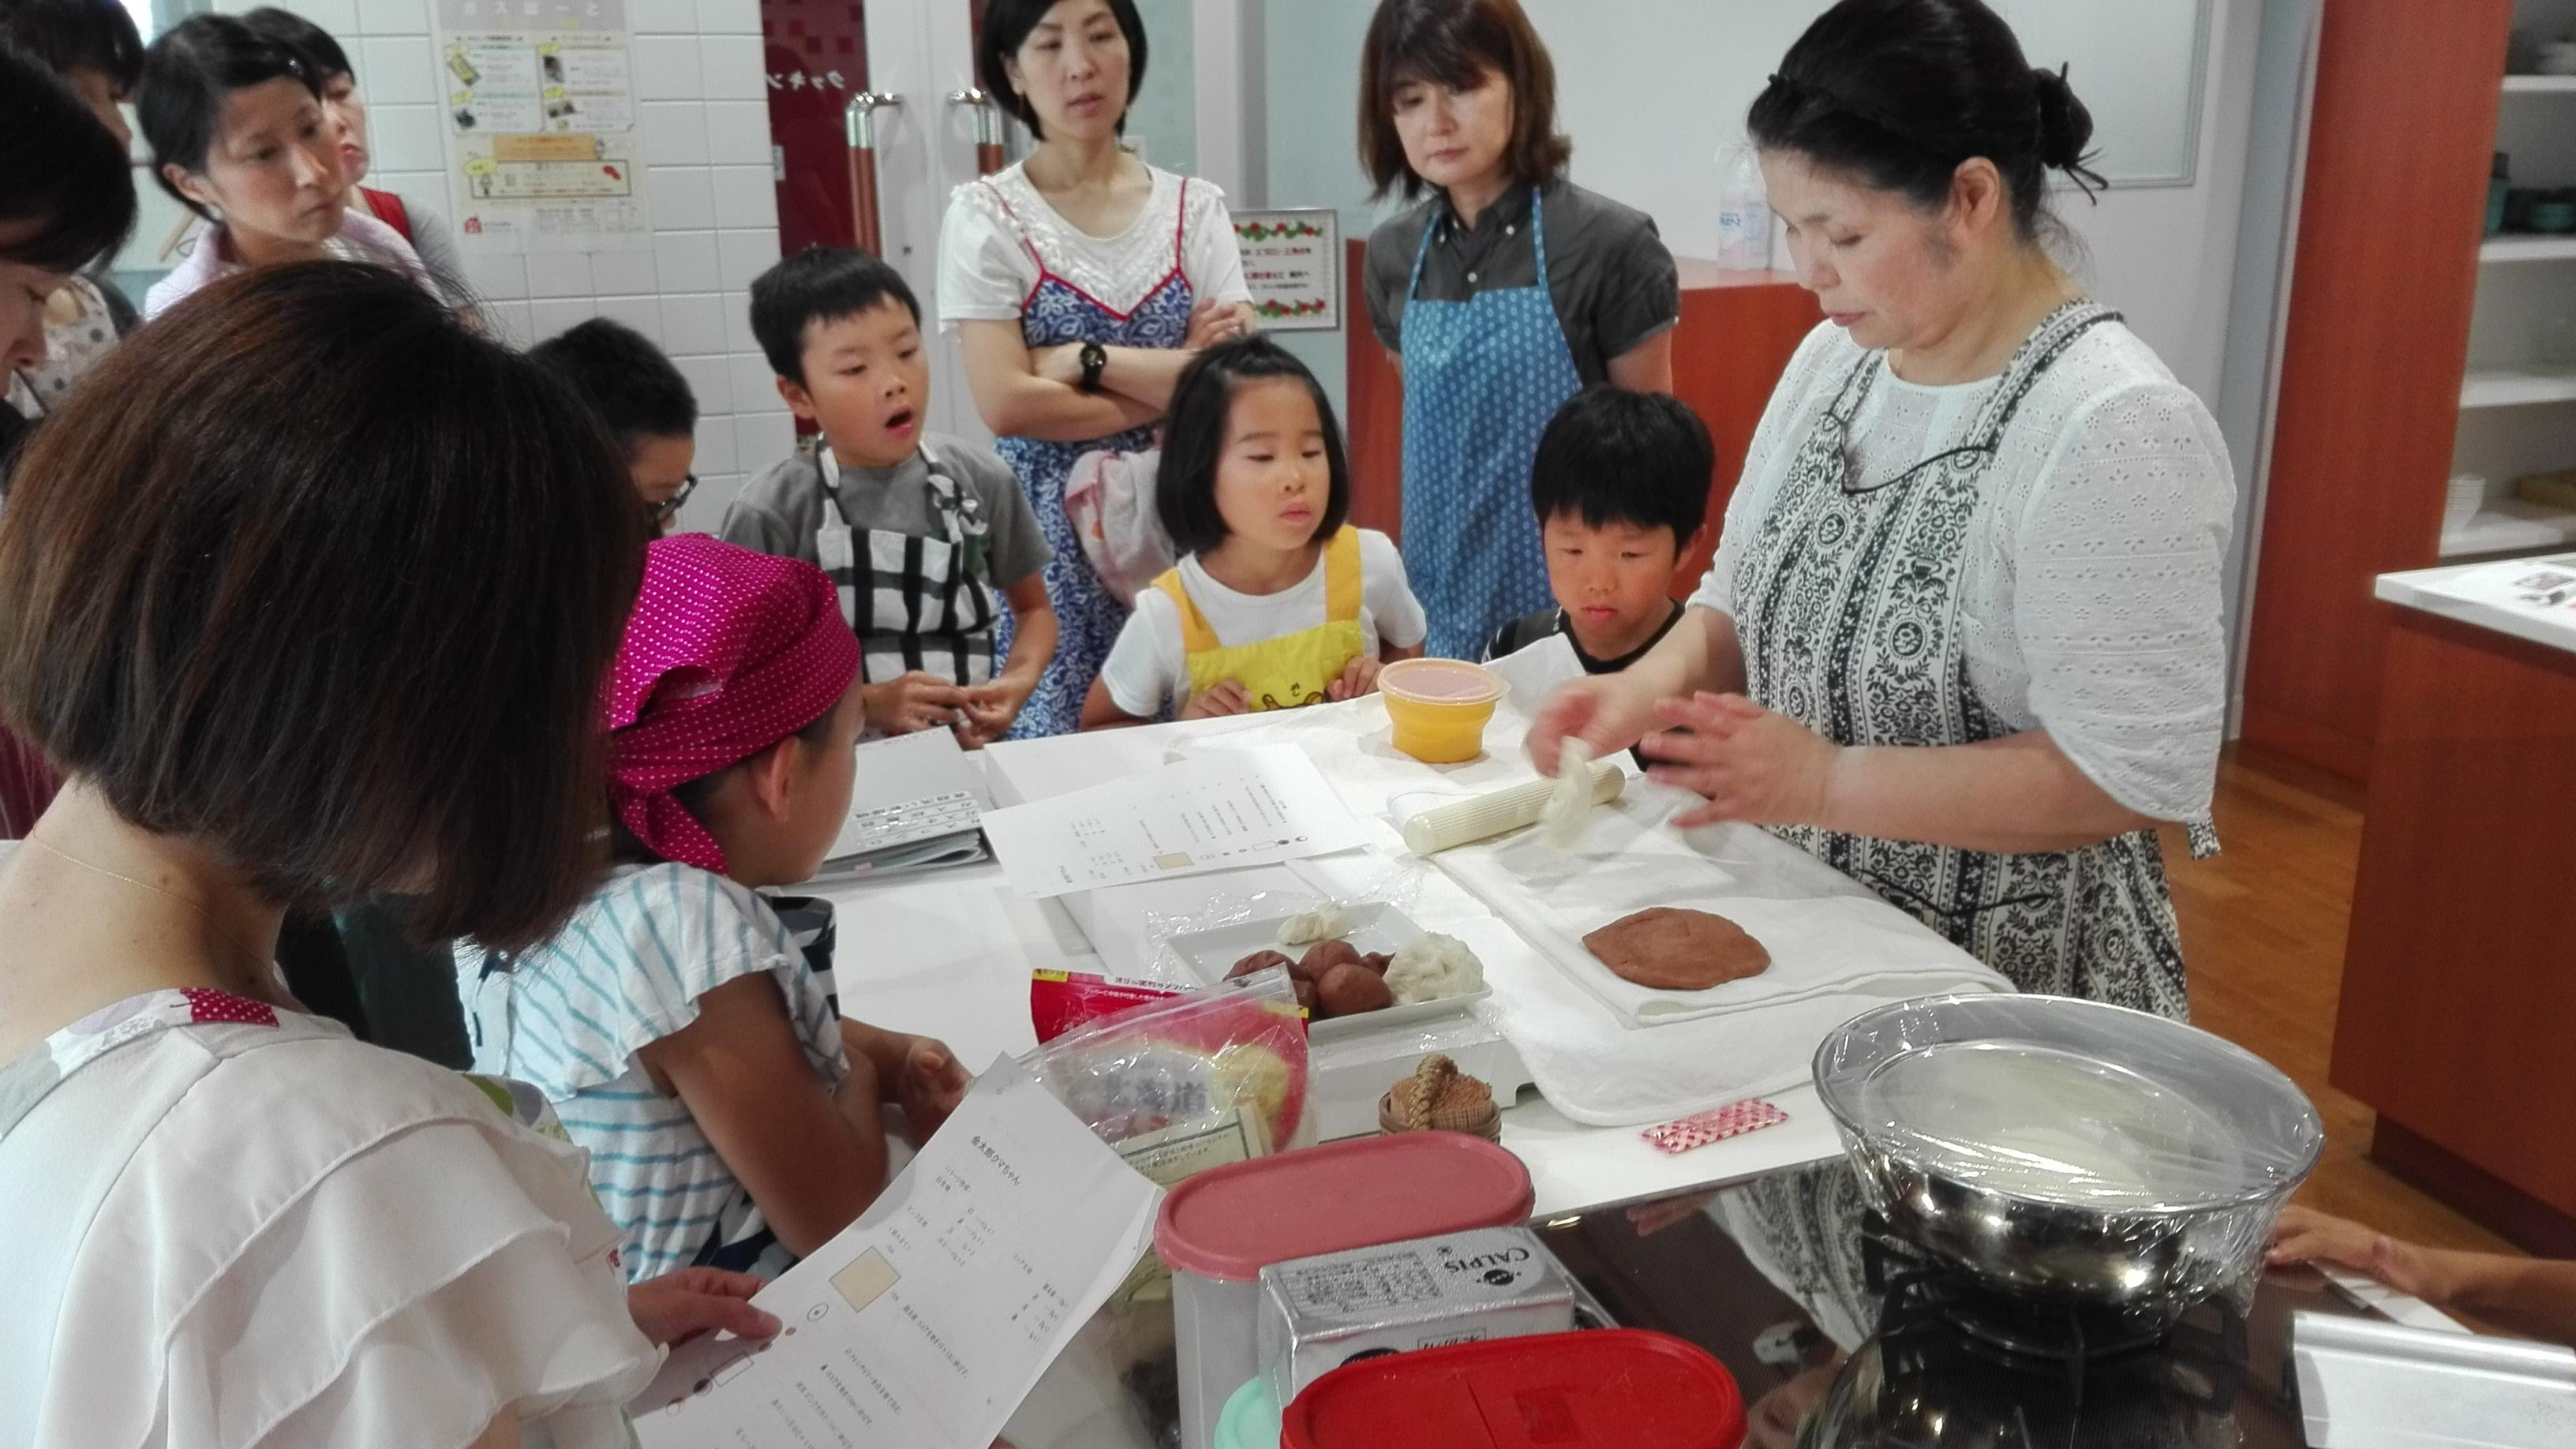 株式会社ヨシタデザインプランニング|YOSHITA DESING PLANNING石川県金沢市